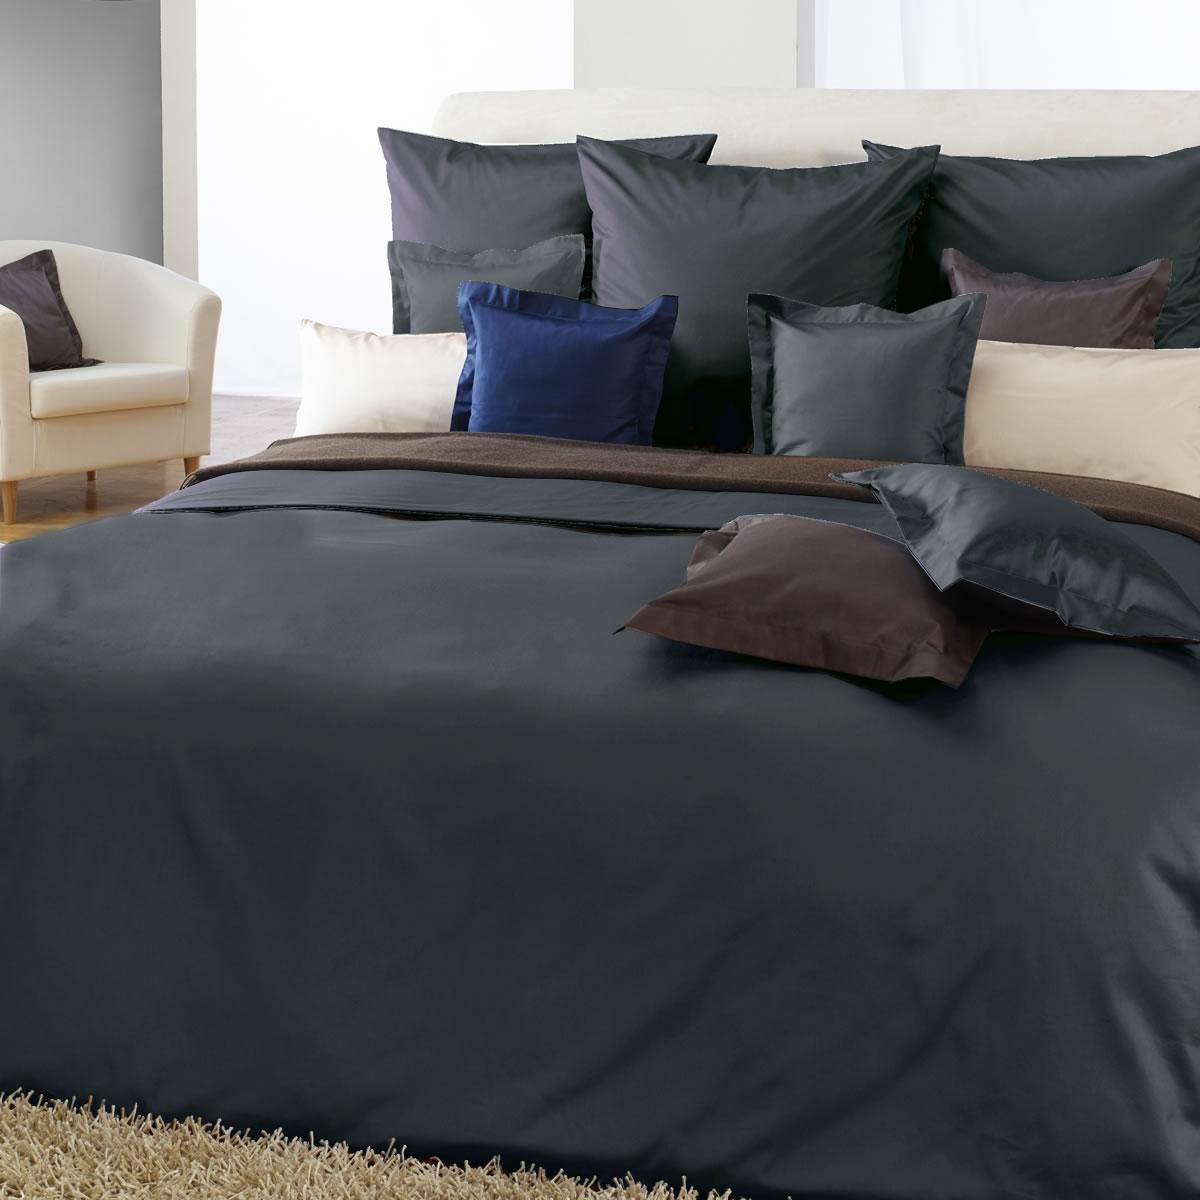 curt bauer uni mako satin bettw sche in 200x220 cm in verschiedenen farben ebay. Black Bedroom Furniture Sets. Home Design Ideas